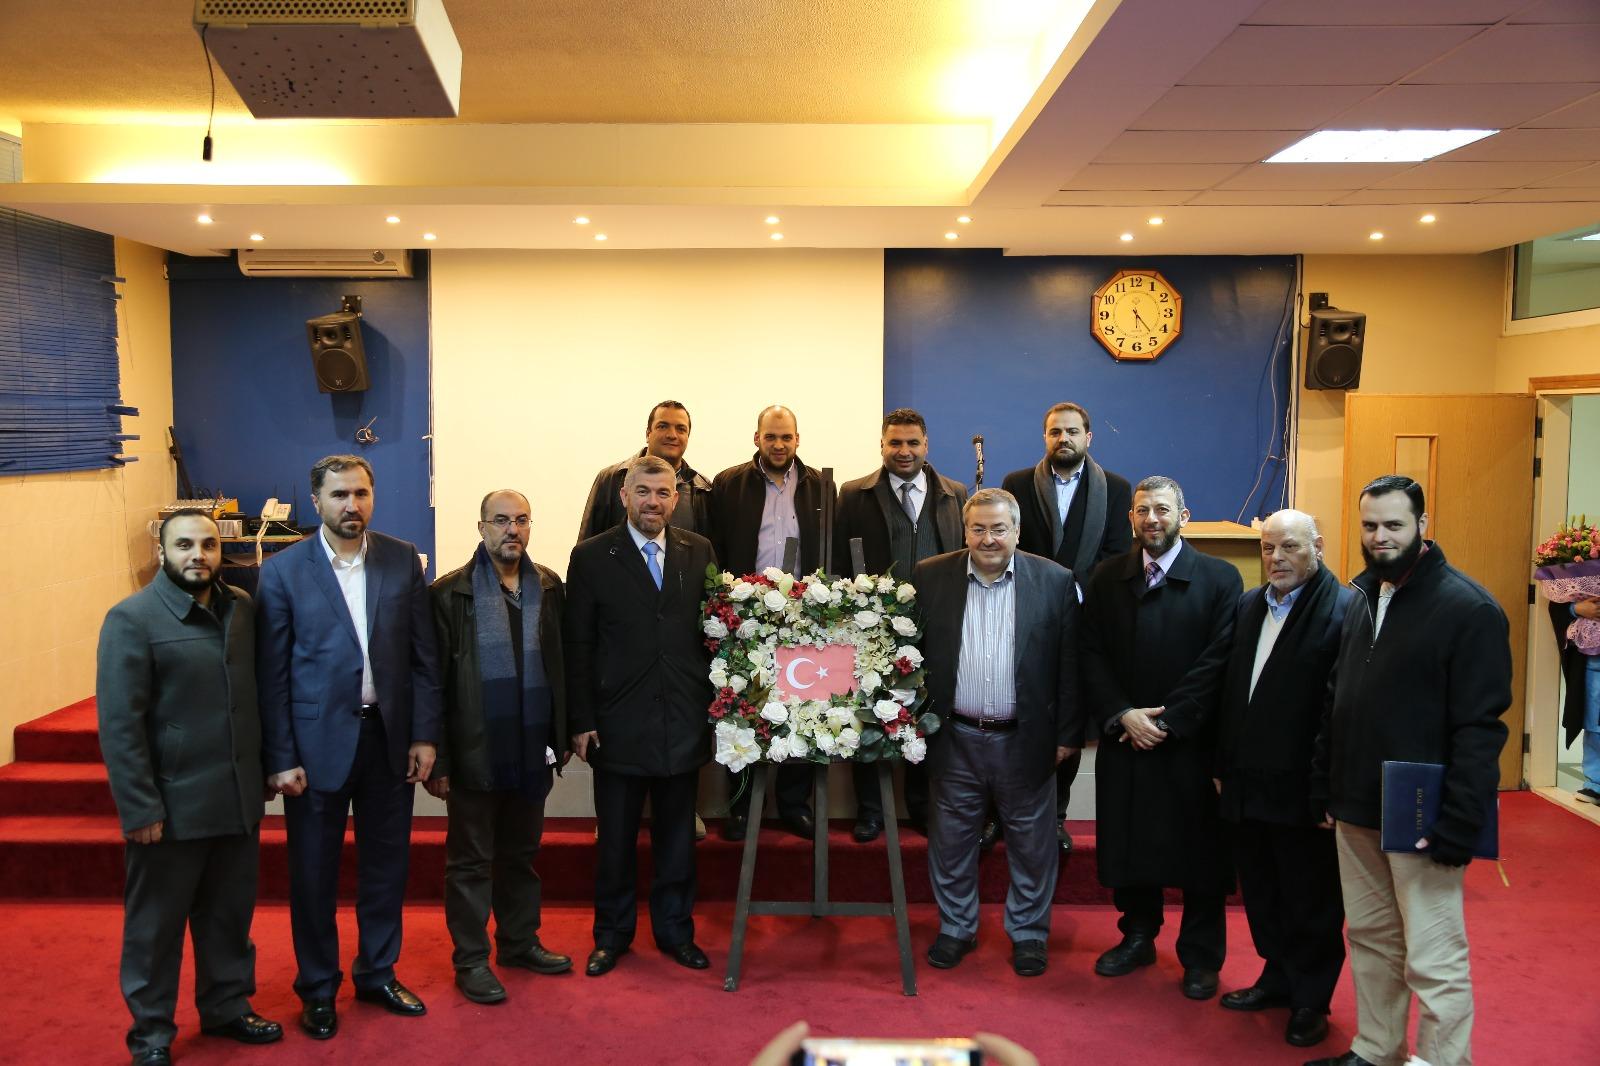 زيارة الأمين العام لاتحاد المنظمات الأهلية في العالم الإسلامي الأستاذ علي كورت إلى جامعة طرابلس (2/3)